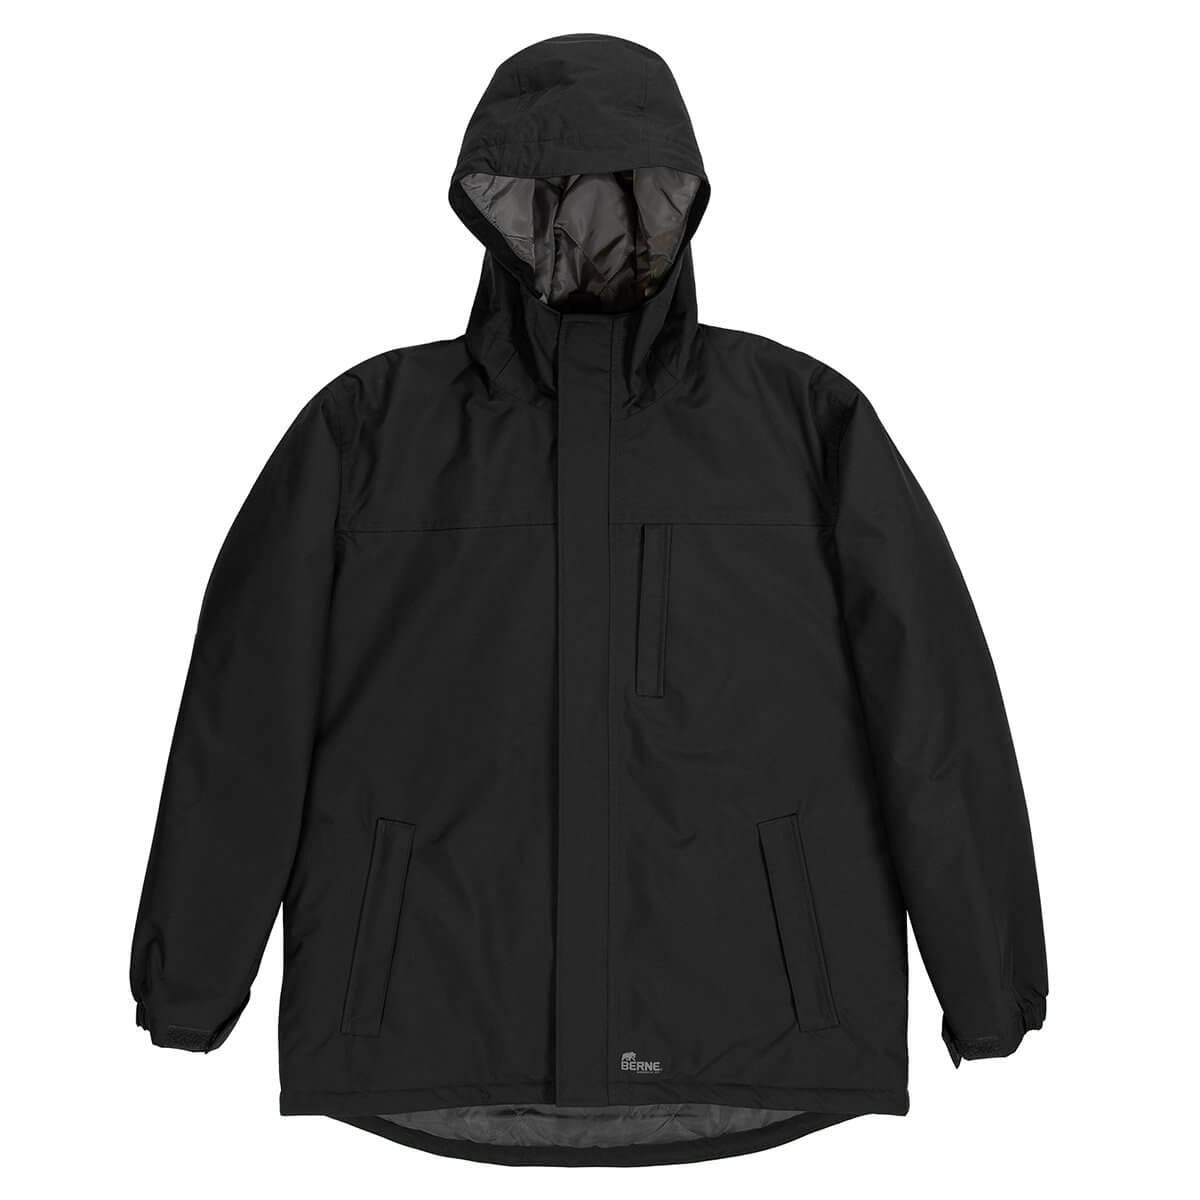 Youth Coastline Waterproof Storm Jacket - Black